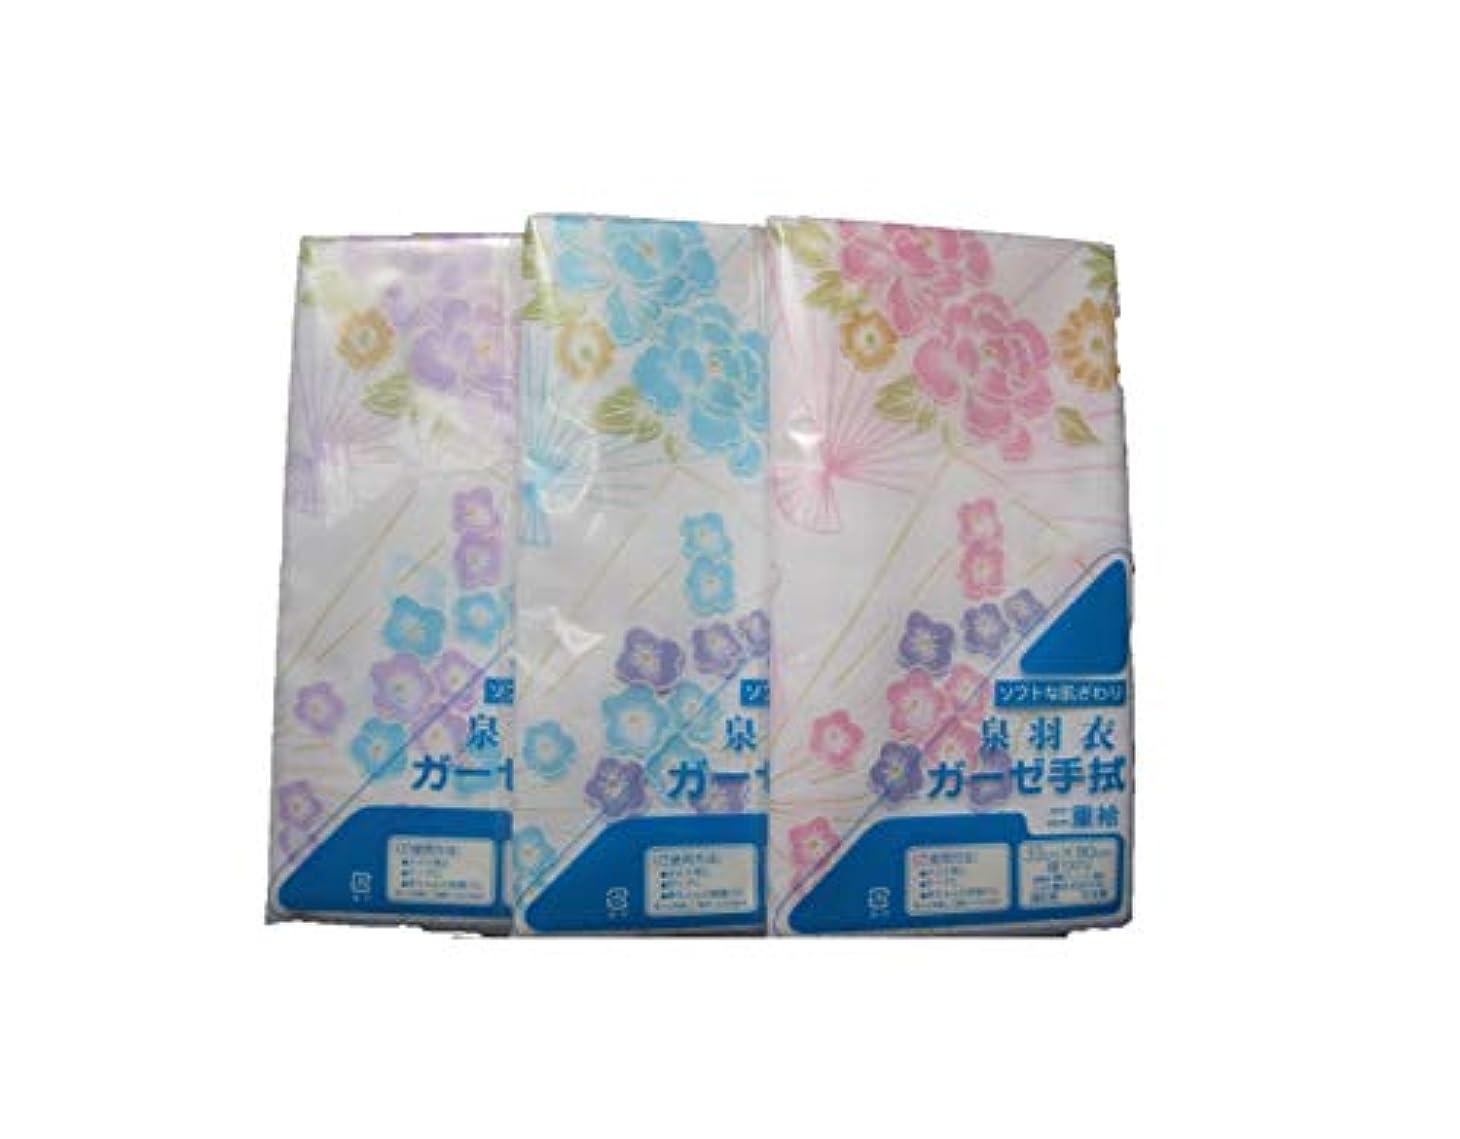 プレゼンター謝罪する仲介者ガーゼ二重袷てぬぐい ピンク?紫?青各一色3枚セット 小花シリーズ 日本製約33cm×90cm(花檜扇)